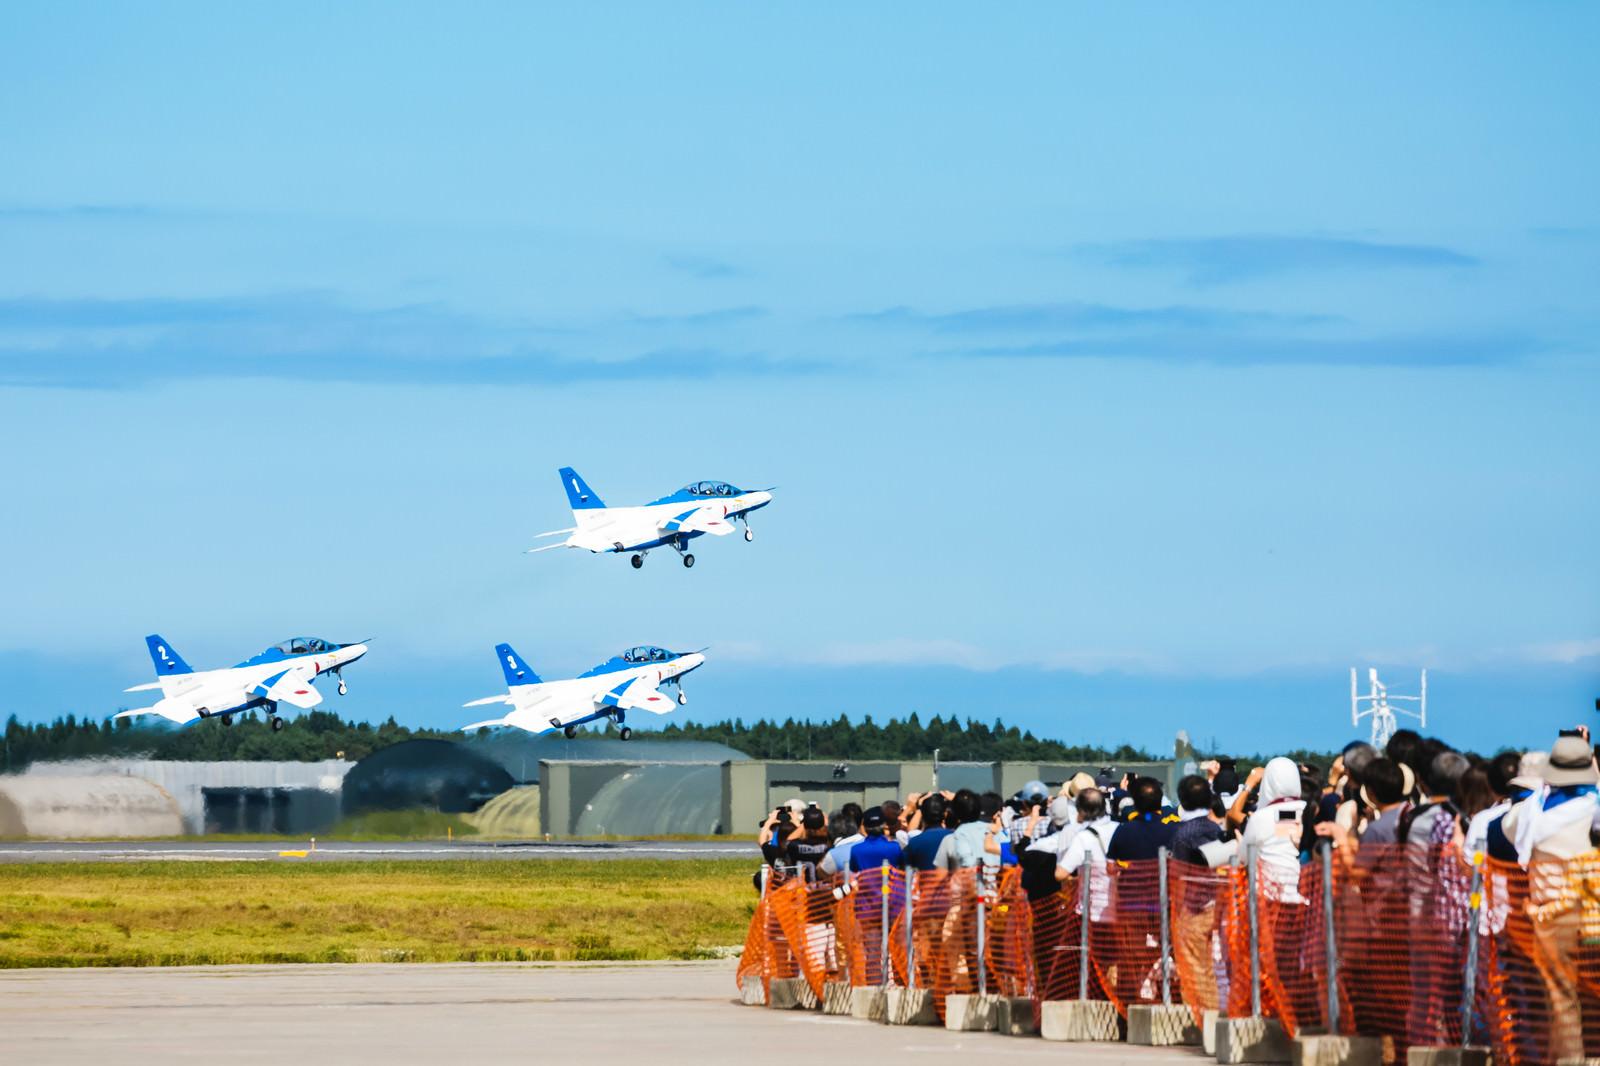 「飛び立つブルーインパルス3機と観客」の写真